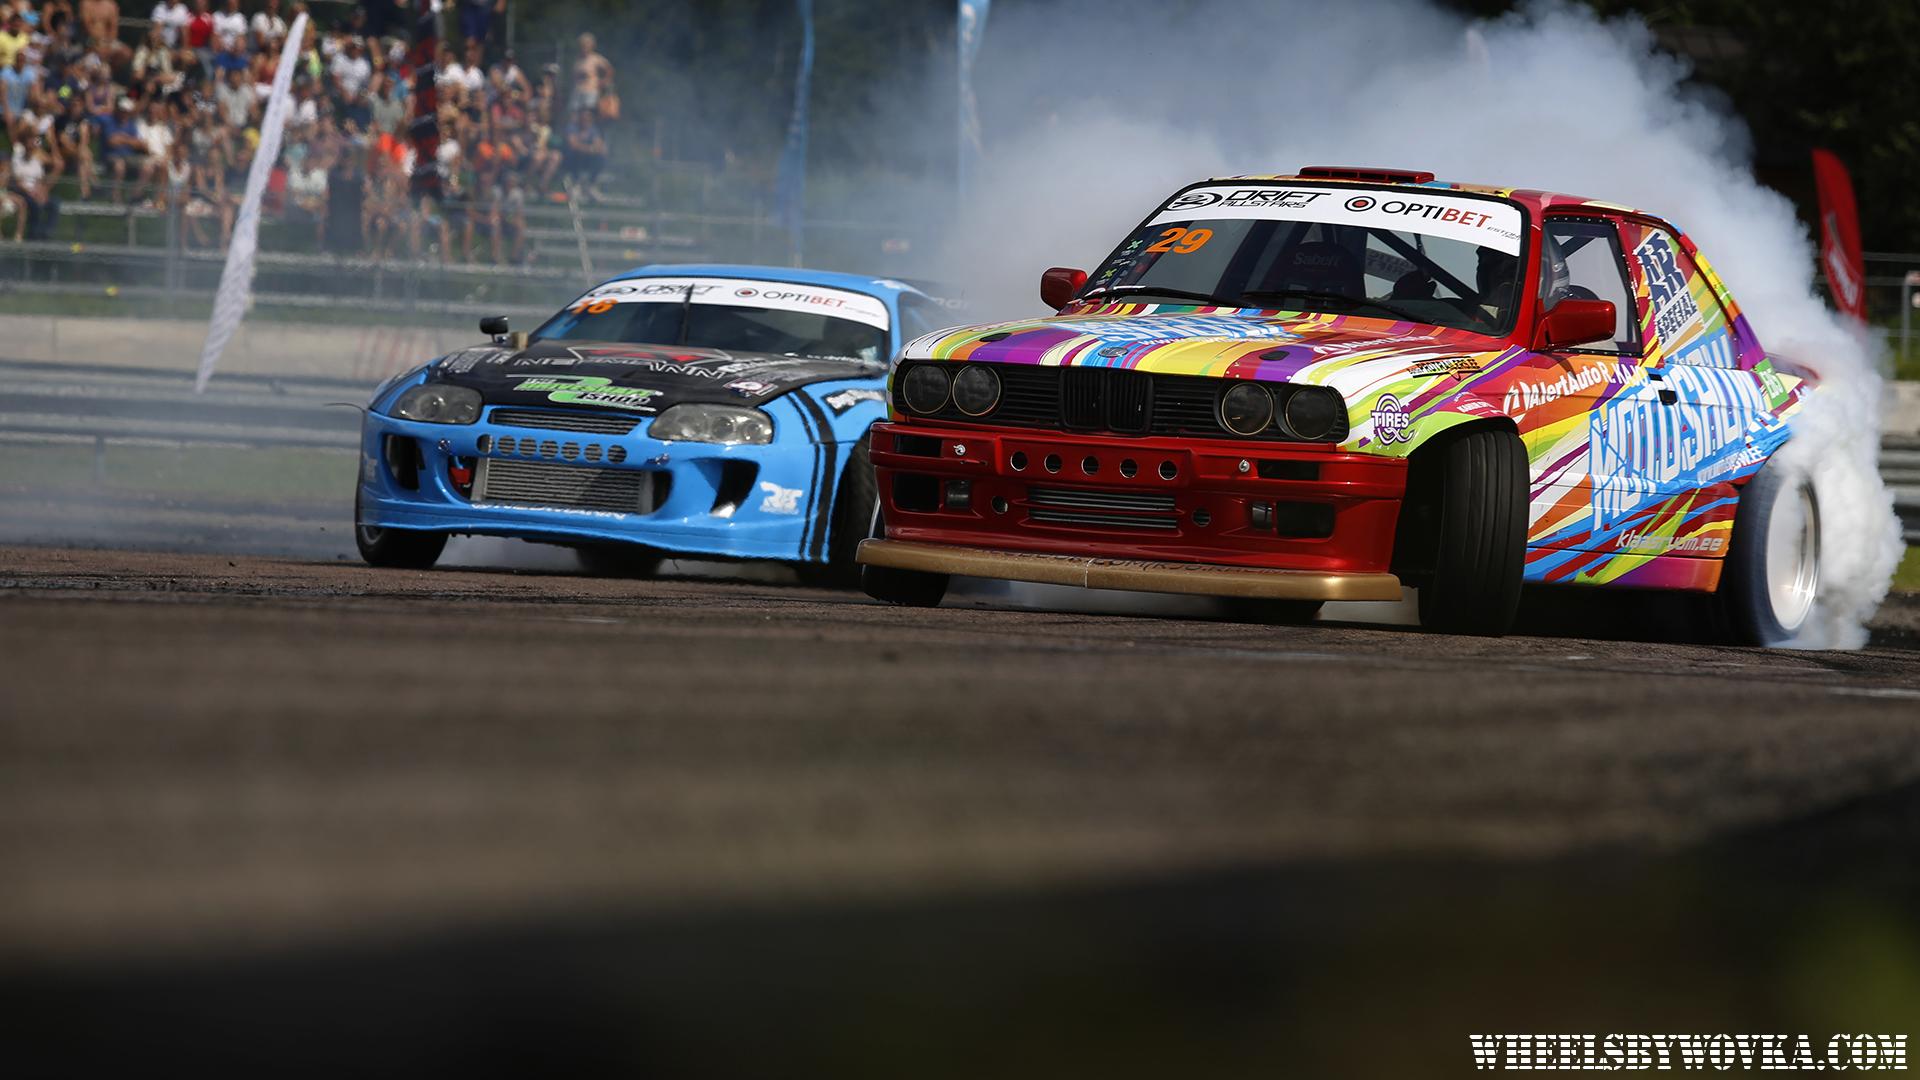 drift-allstars-estonia-wheelsbywovka-vladimir-ljadov-14